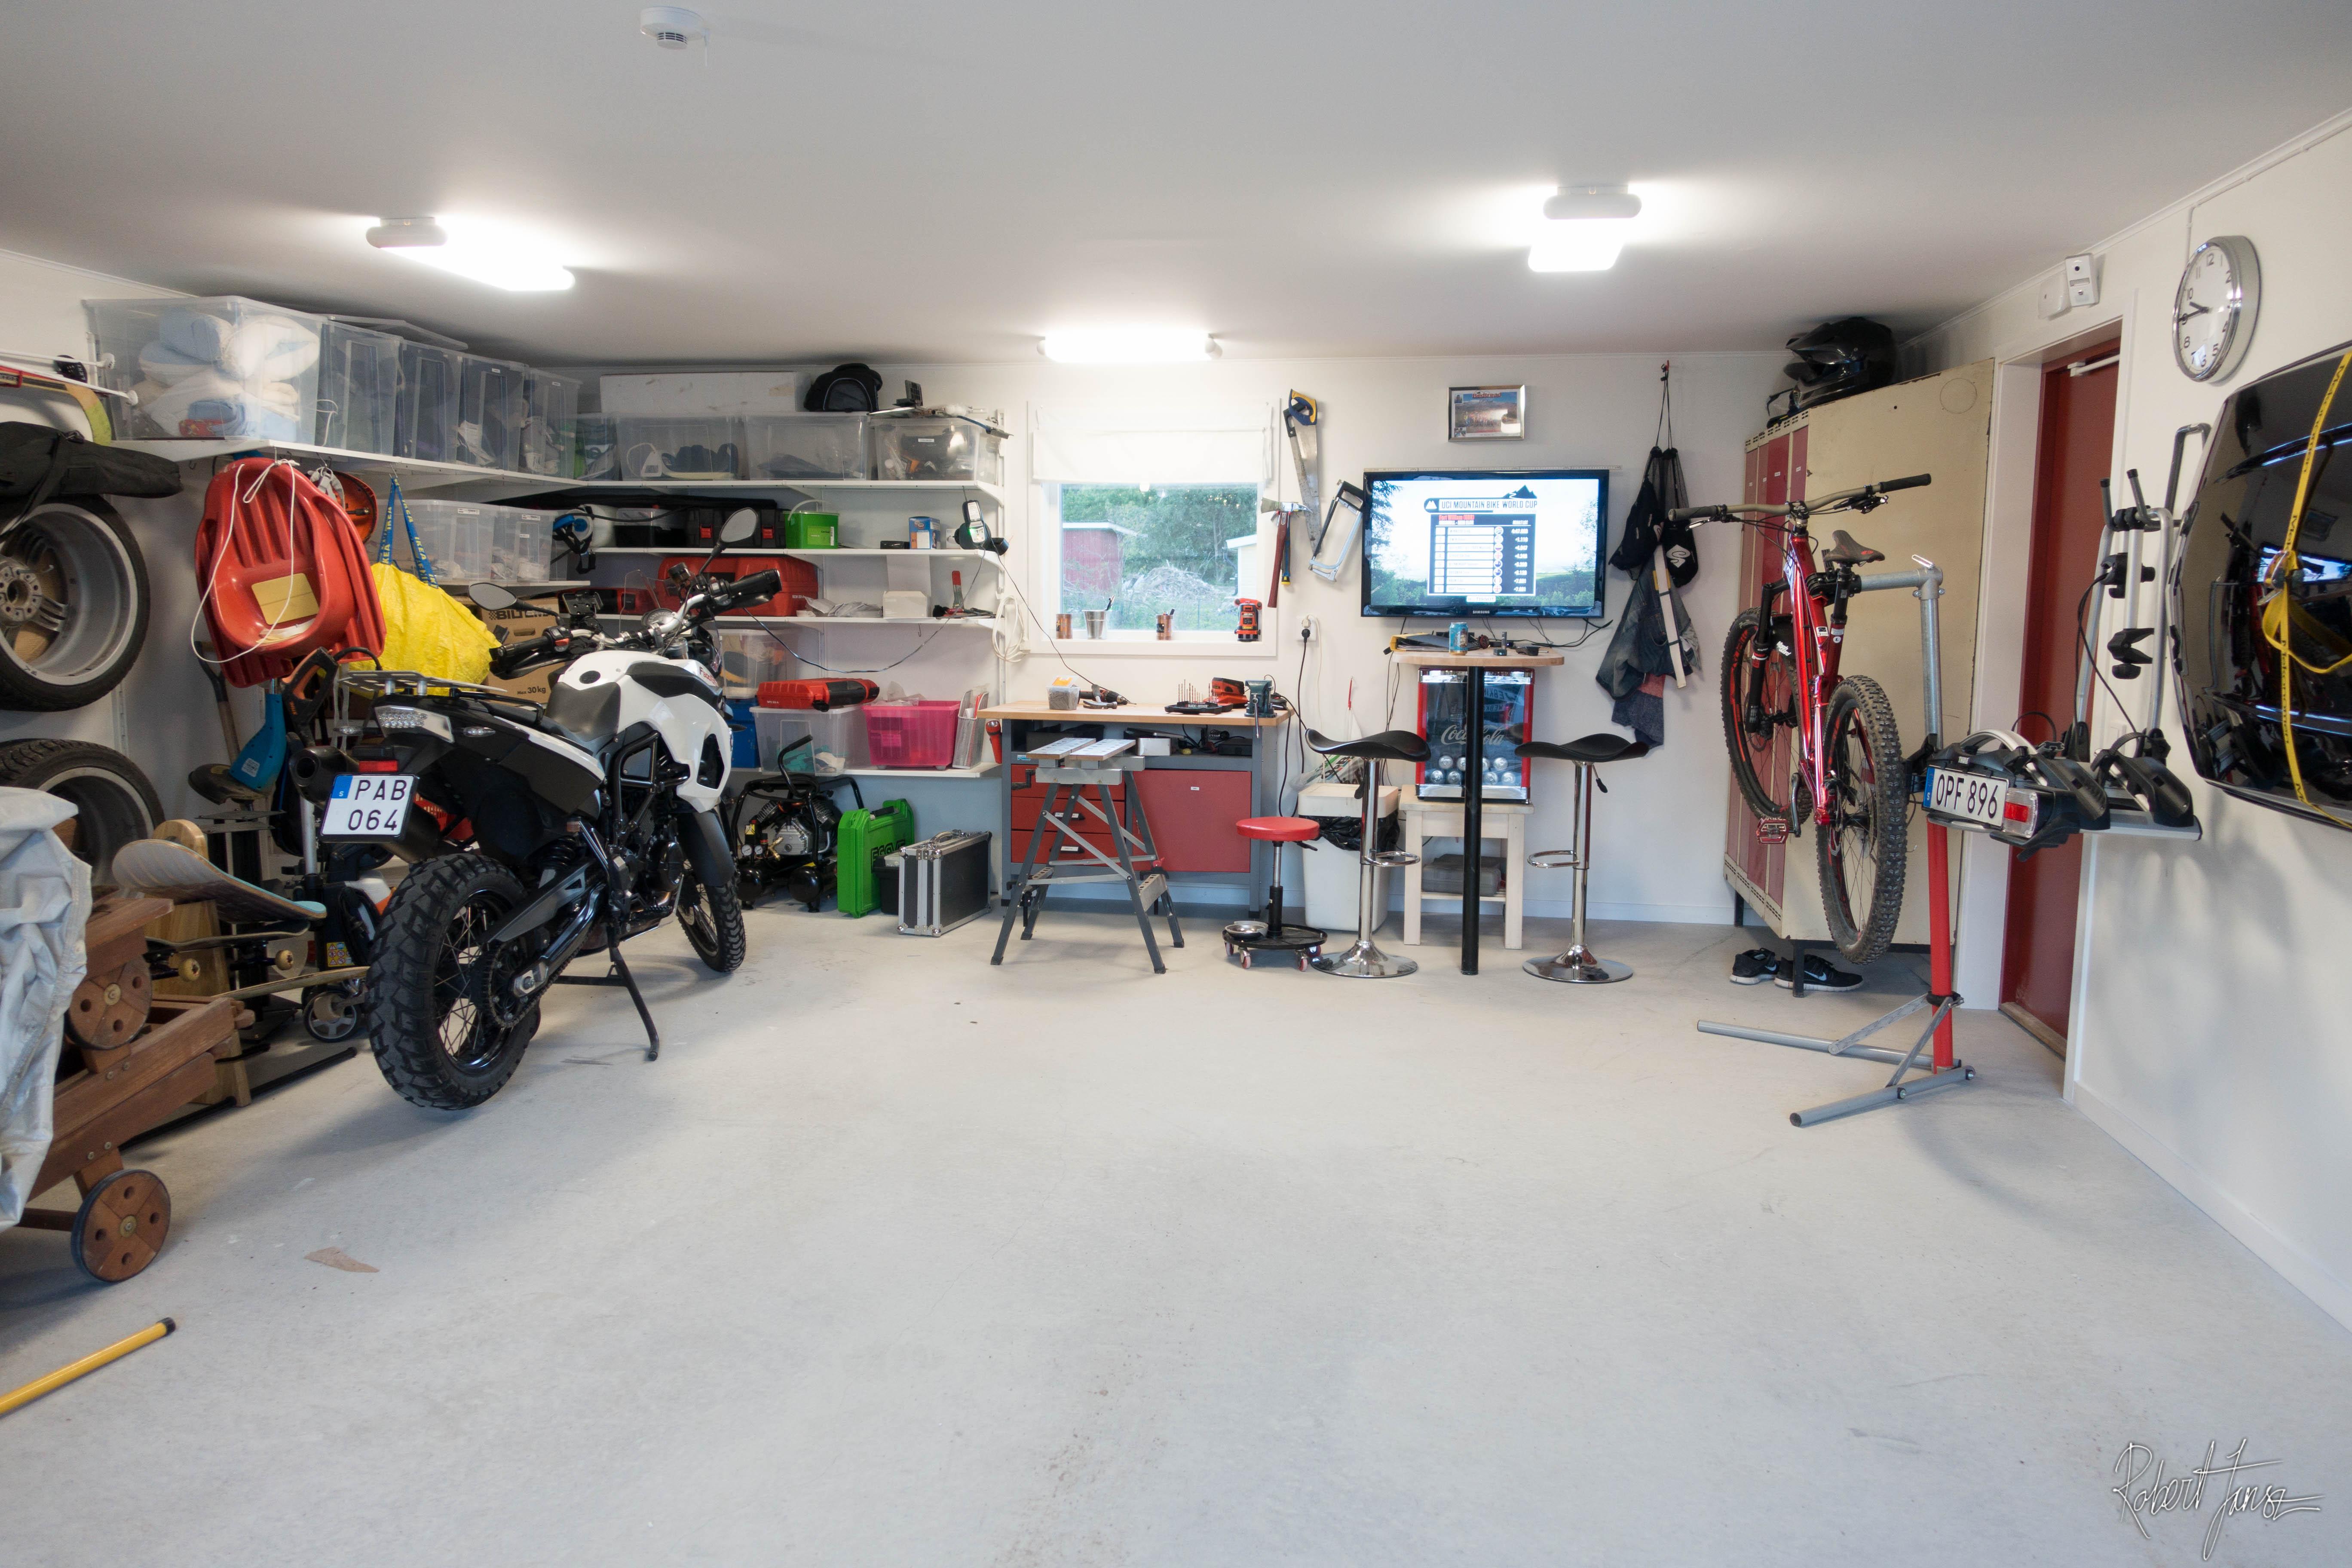 Garage inside - Inside of a garage ...